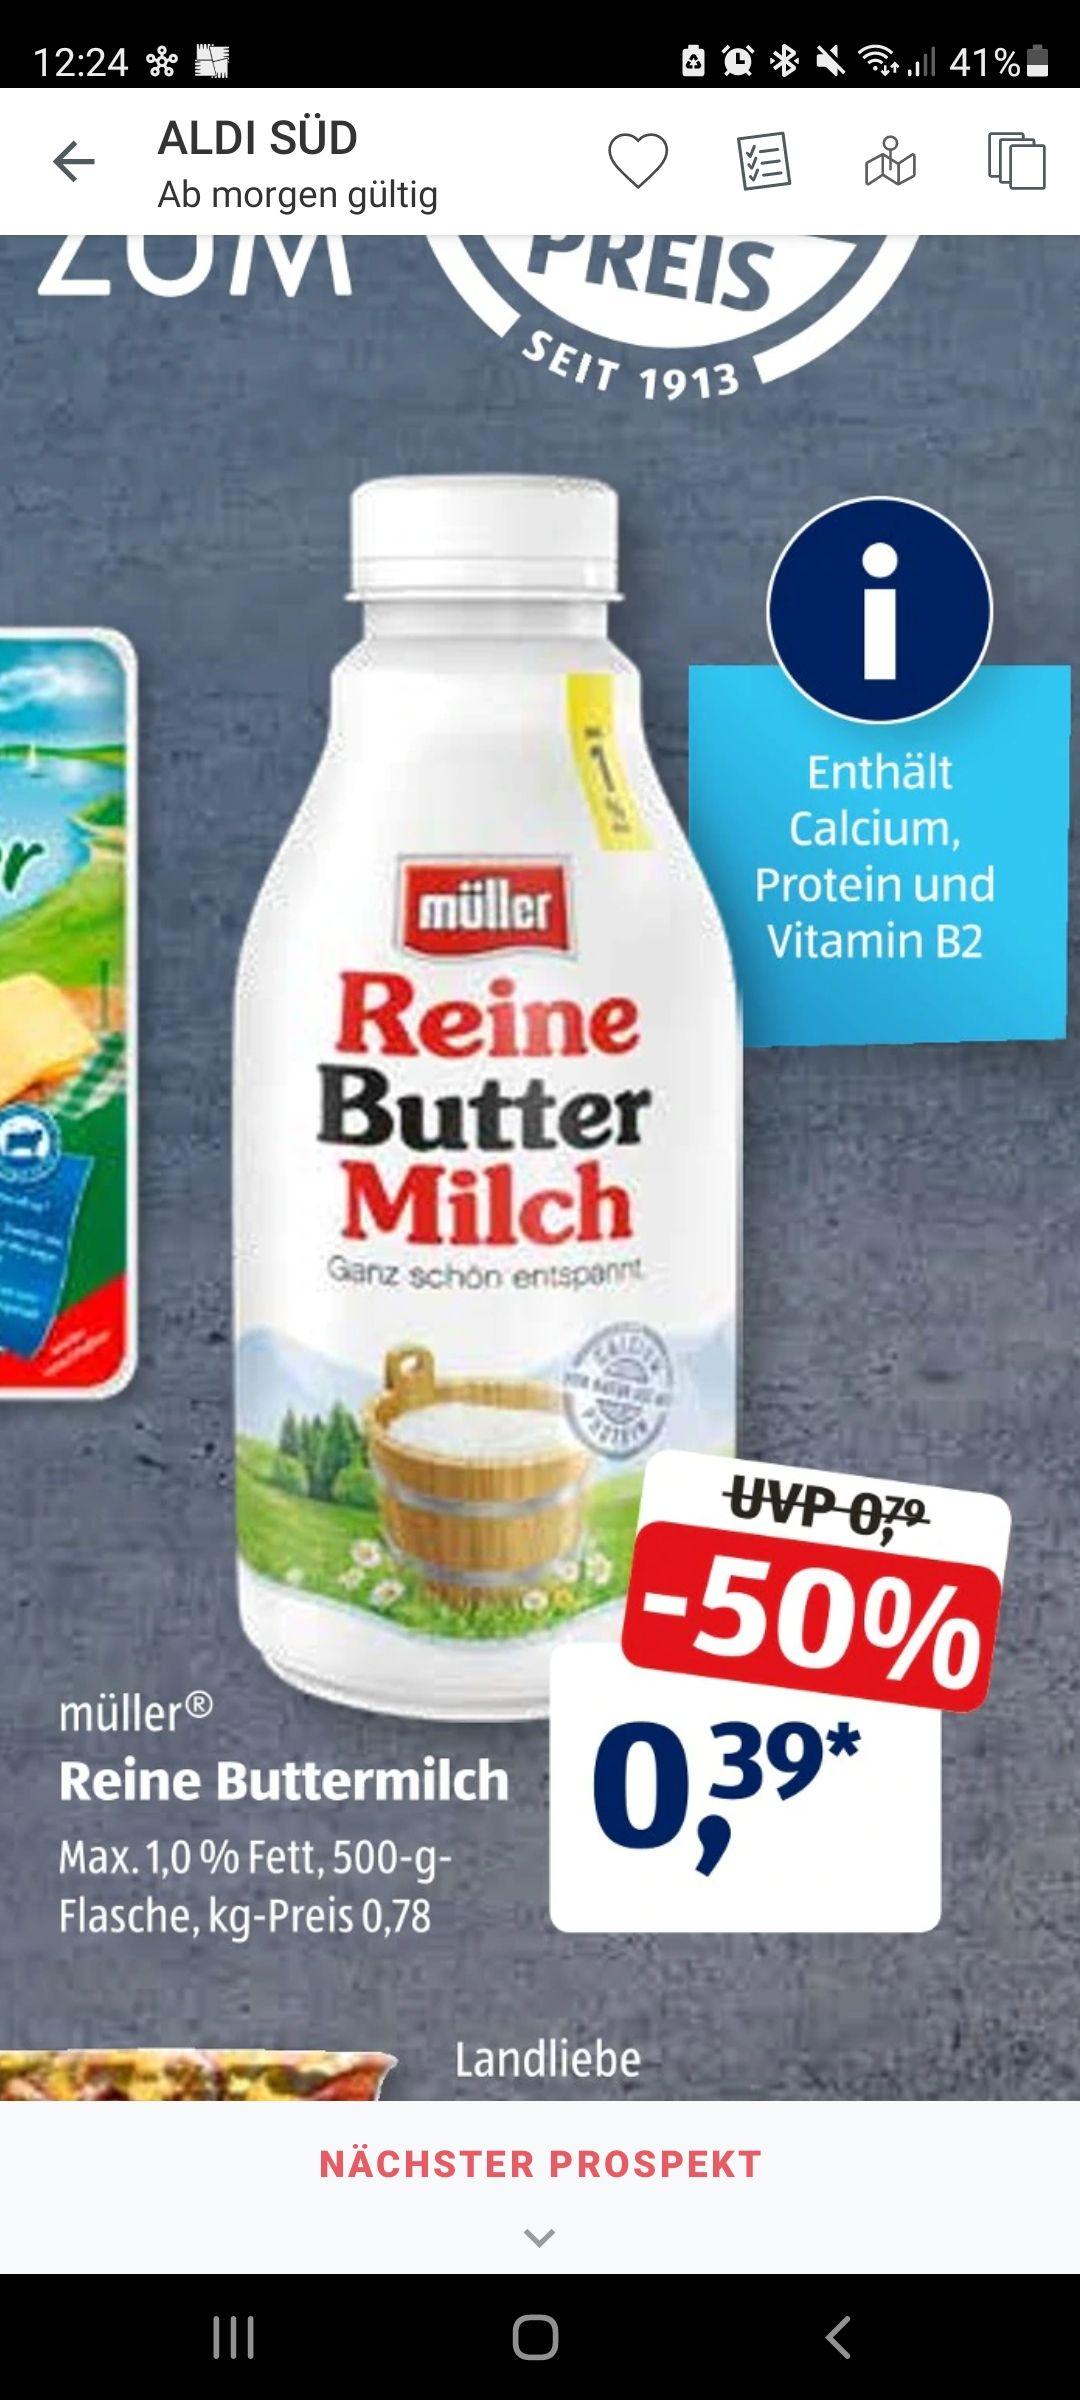 Reine Buttermilch (Müller)